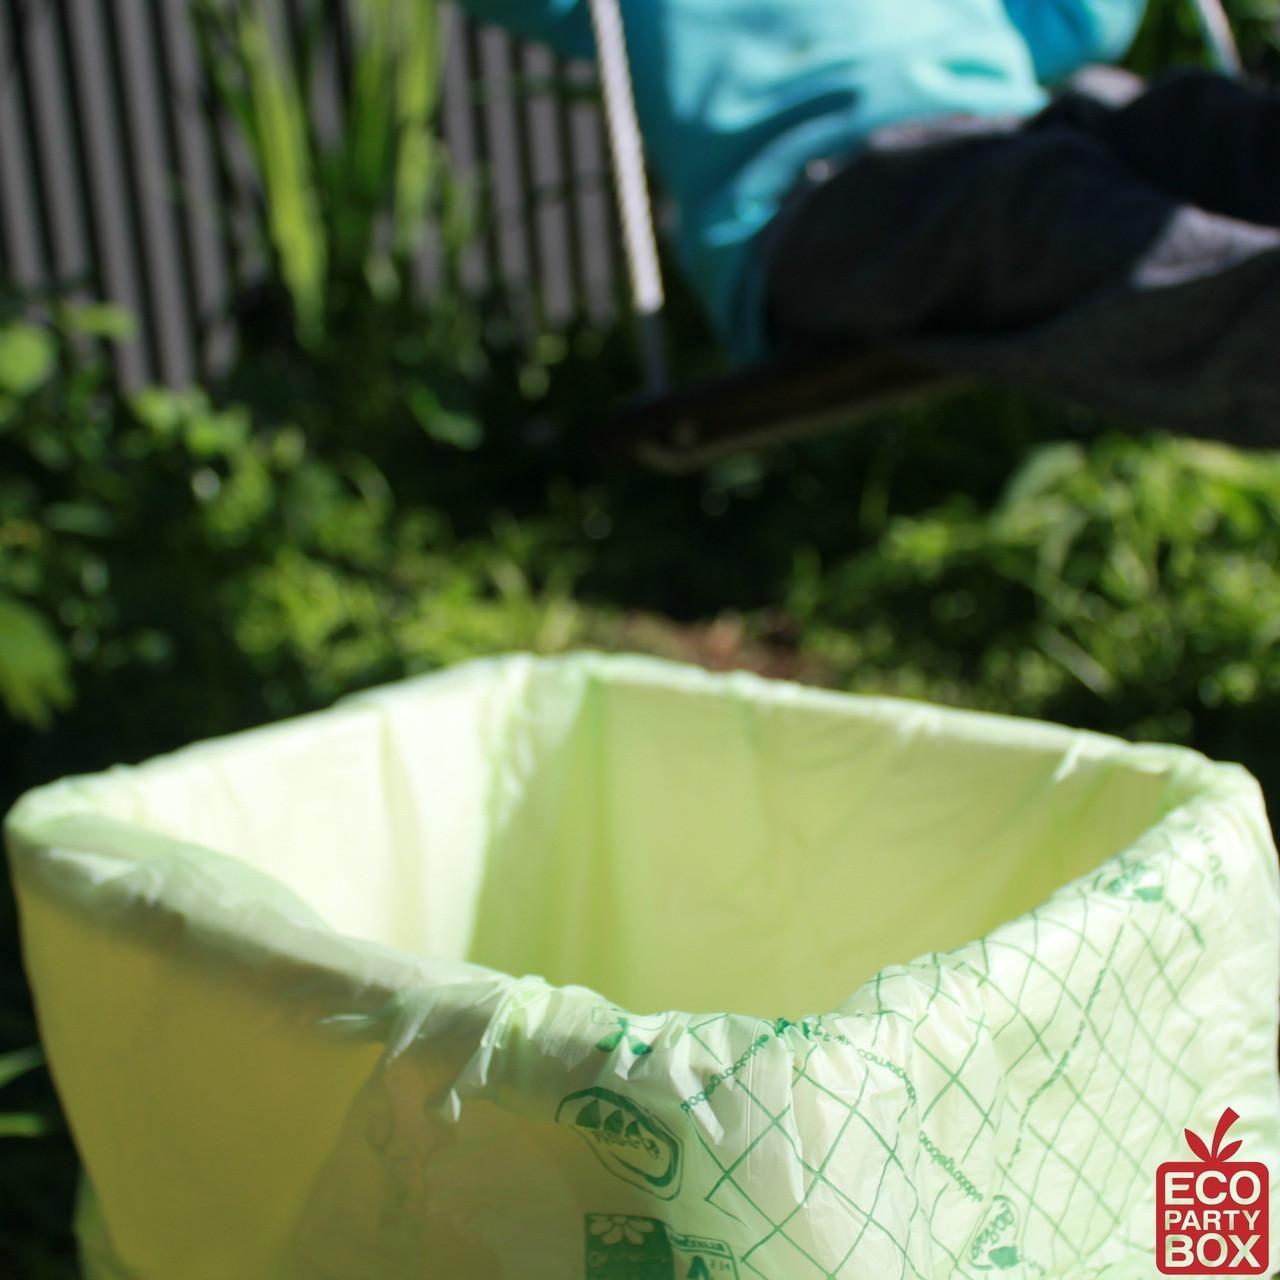 Home Compostable Bio Bags